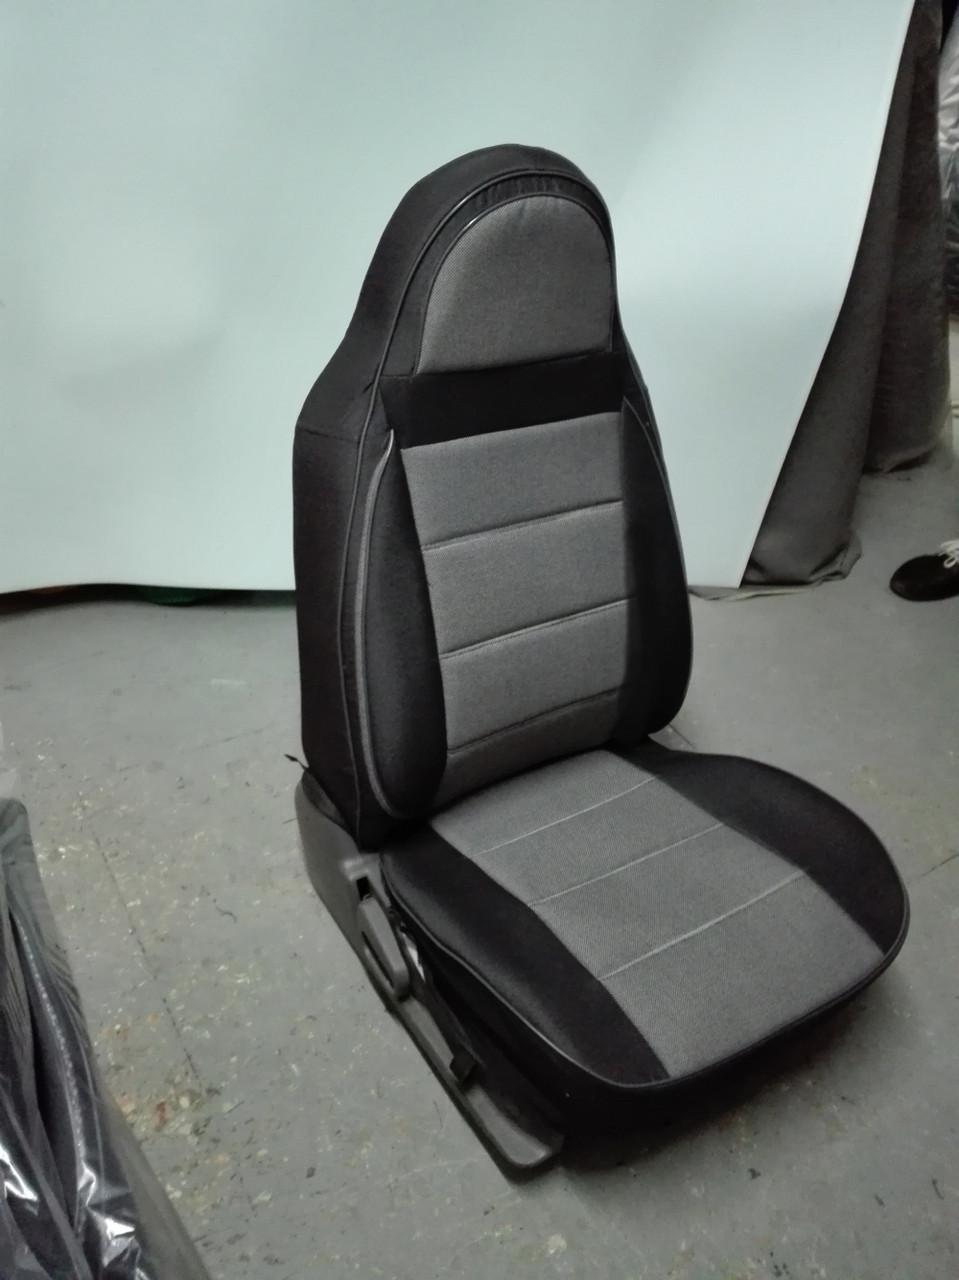 Чехлы на сиденья Шевроле Авео Т250 (Chevrolet Aveo T250) (универсальные, автоткань, пилот)